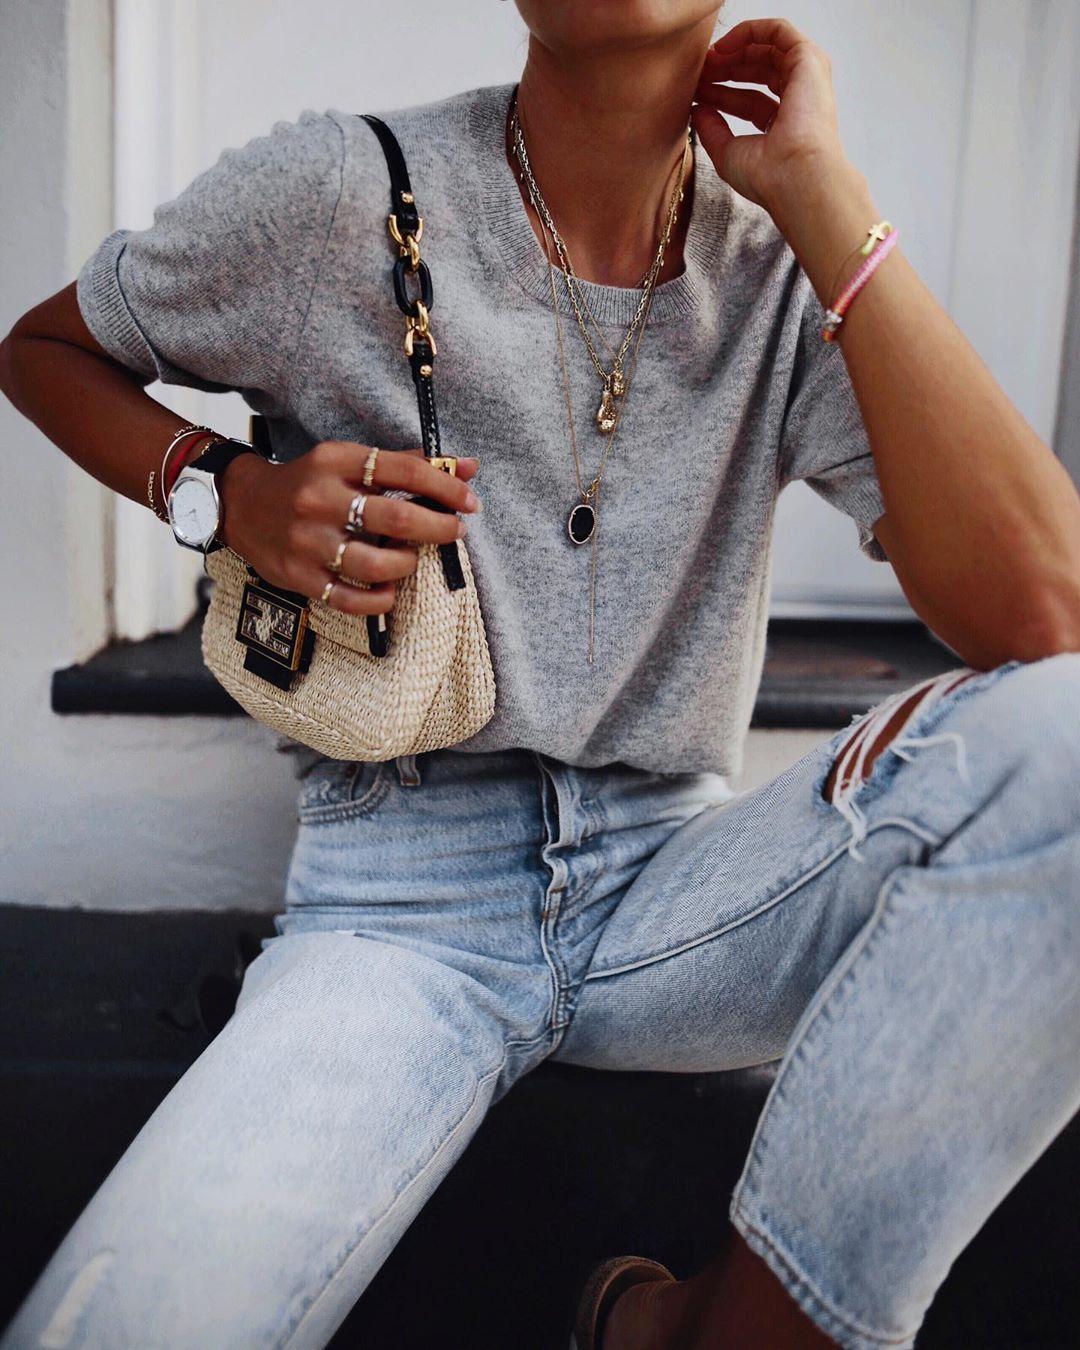 футболка заправленная в джинсы фото 16